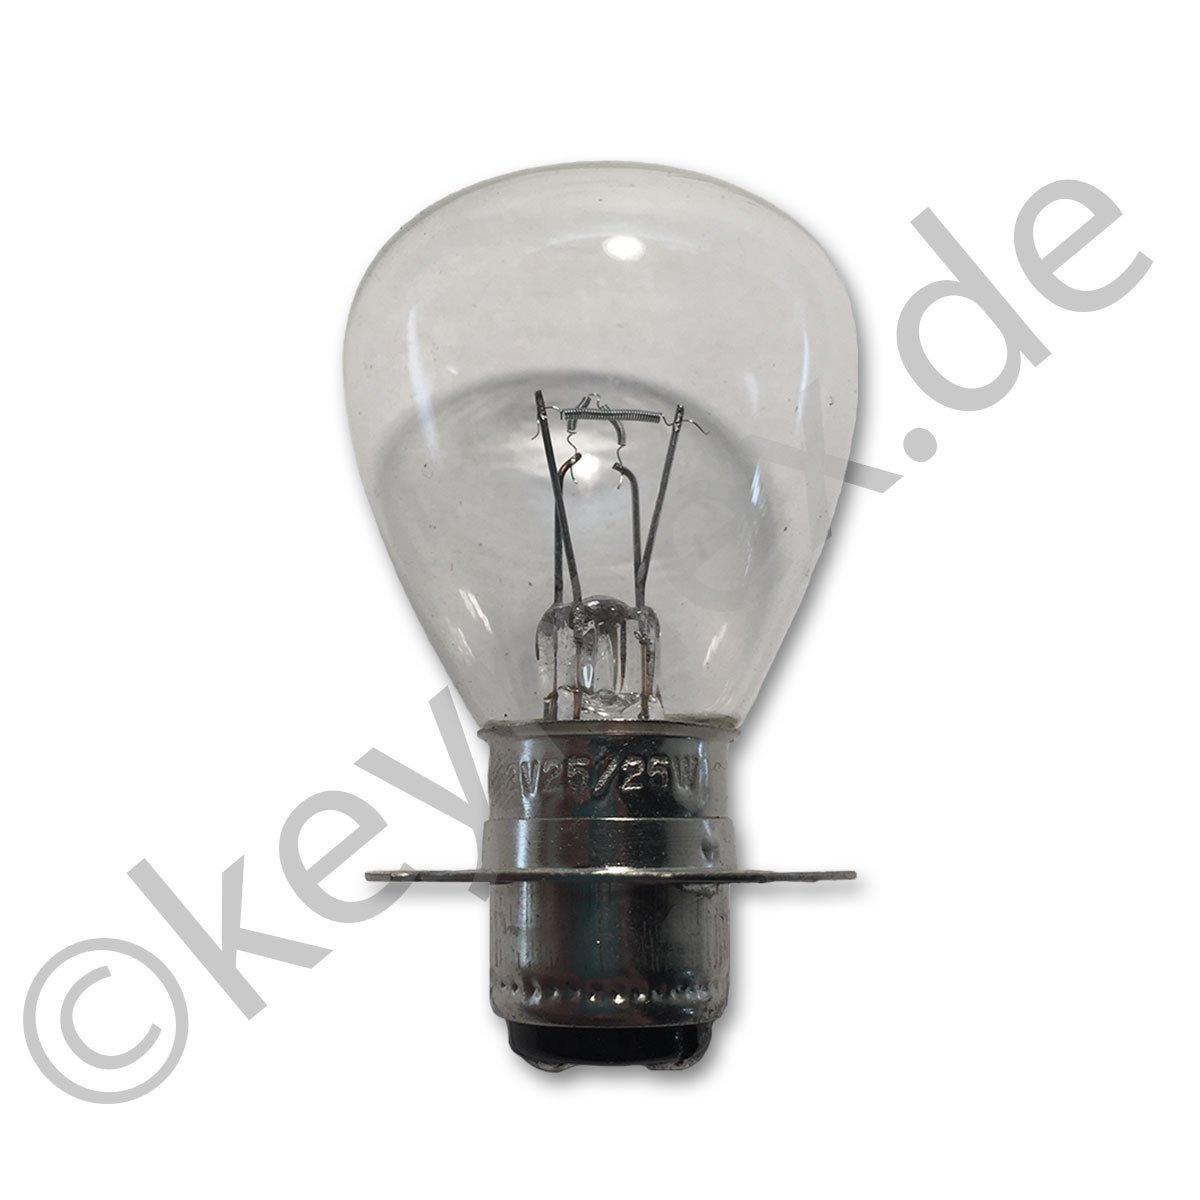 Ausgezeichnet Teile Der Glühbirne Fotos - Die Besten Elektrischen ...